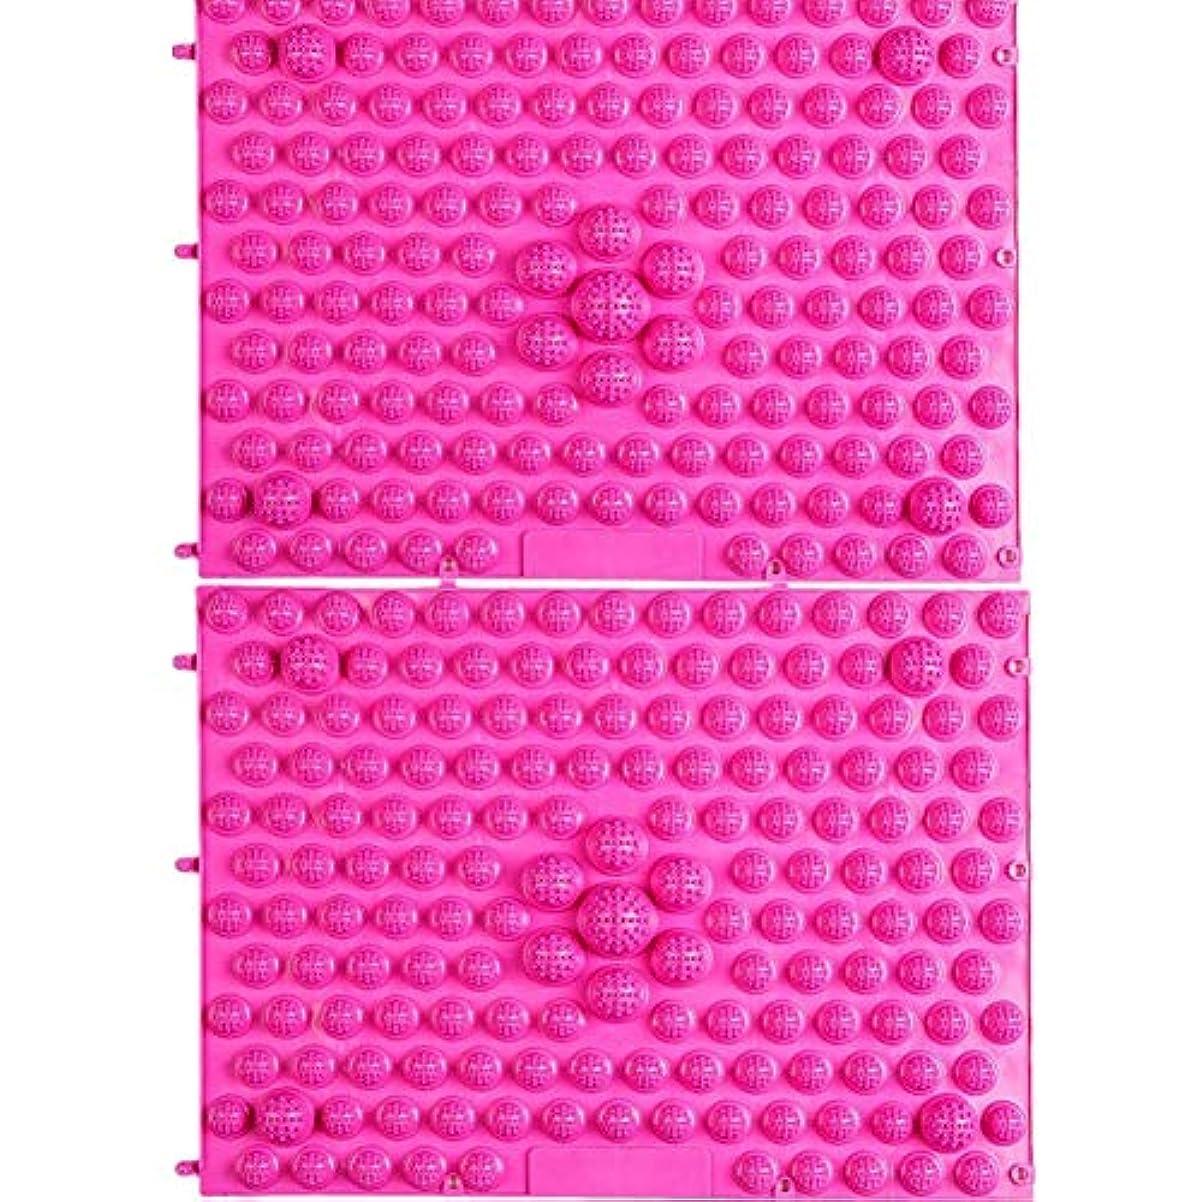 トライアスリートレガシーダイヤルwompolle マッサージ?ツボ押しグッズ 生活に刺激と健康を!足つぼキャニオンマット マッサージ屋さんの健康マット ドラゴンマット 足踏み 足ツボ 2枚組 (Pink)